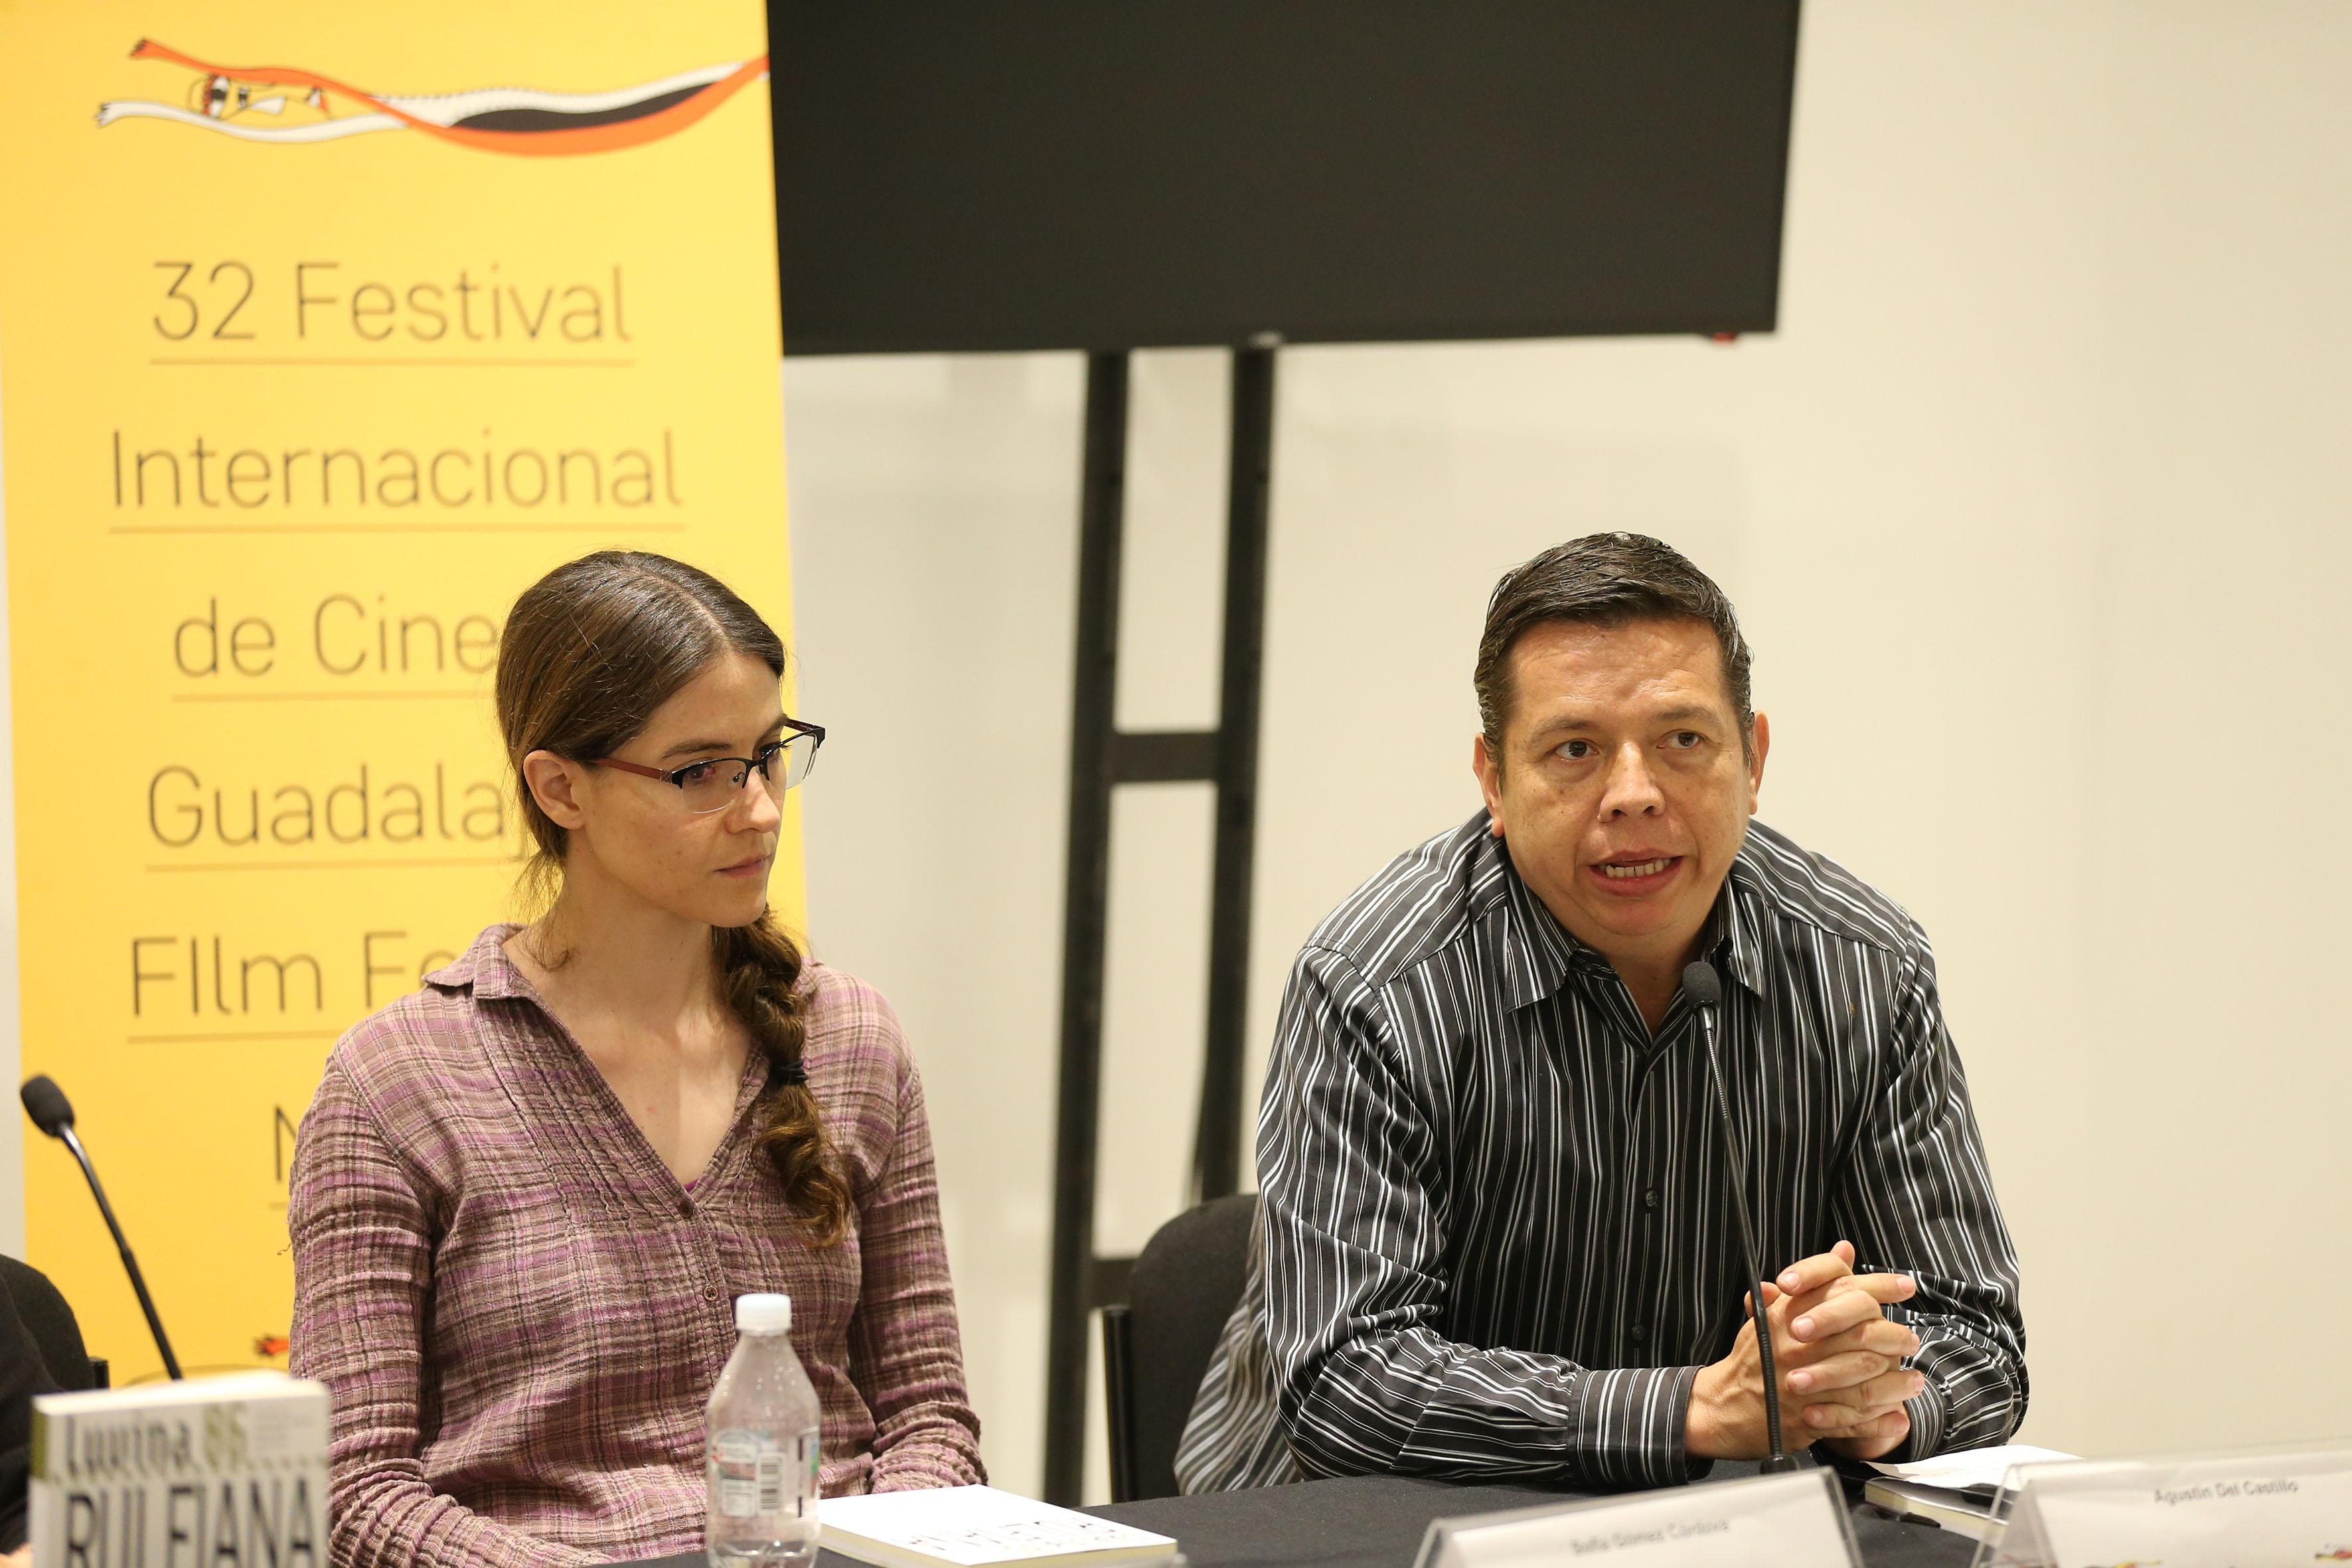 Periodista ambiental Agustín del Castillo en la presentación numero 86 de la revista literaria de la Universidad de Guadalajara (UdeG), en el marco del 32 Festival Internacional de Cine en Guadalajara (FICG)